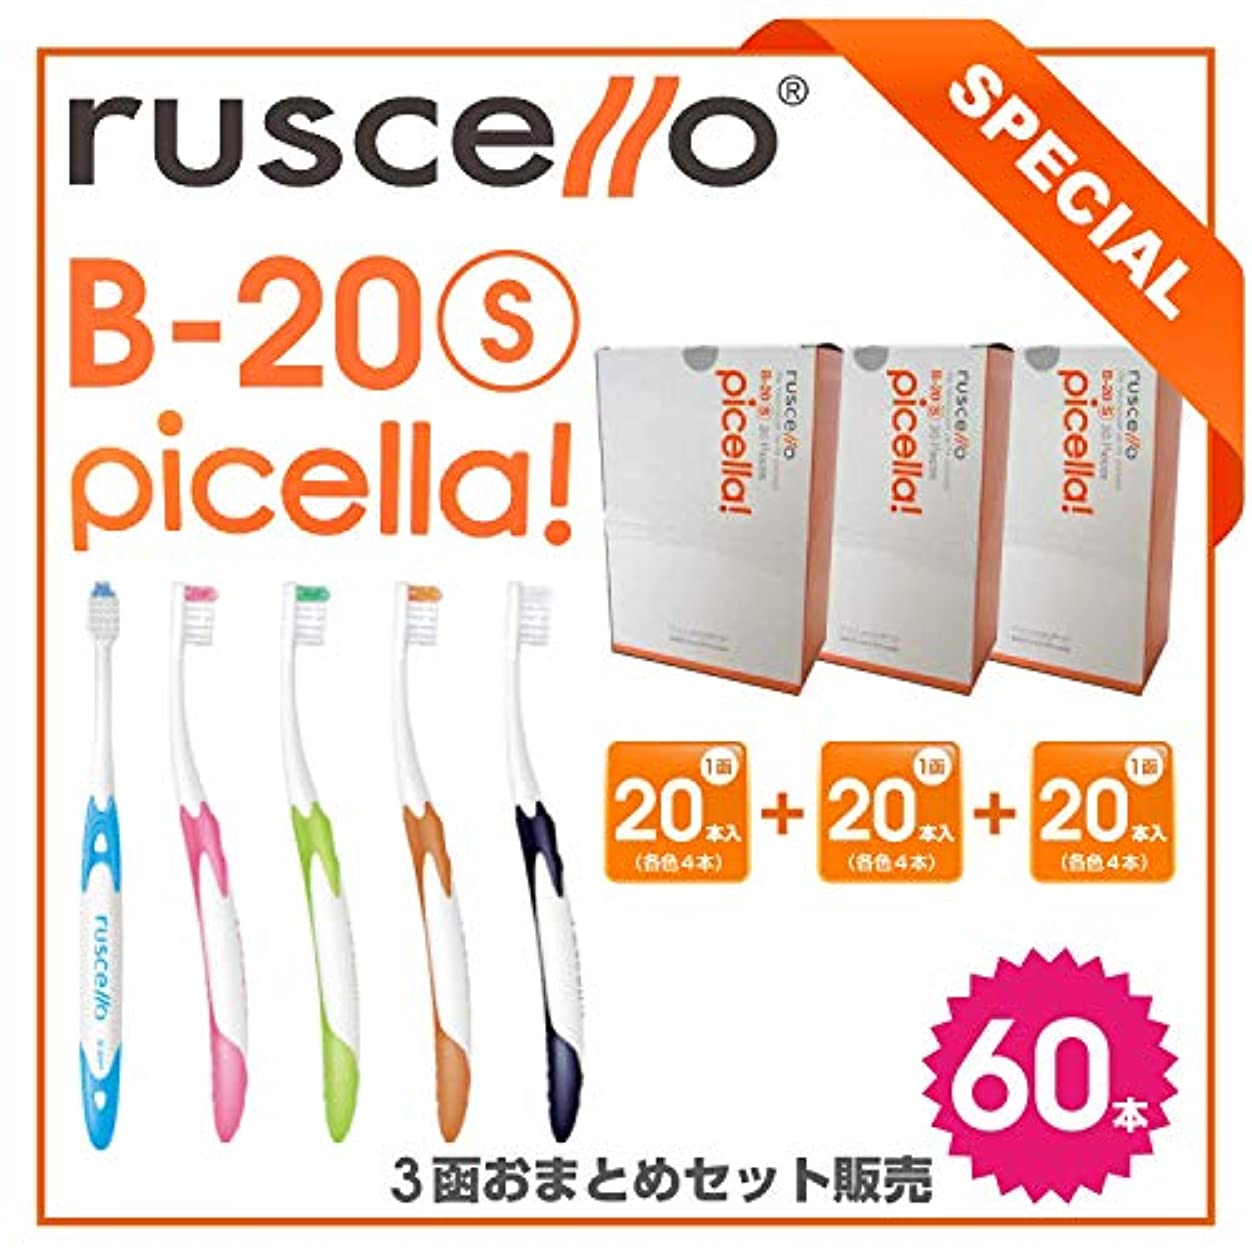 アーティキュレーション過敏な使用法GC ジーシー ルシェロ歯ブラシ<B-20>ピセラ S やわらかめ 1函20本入×3函セット